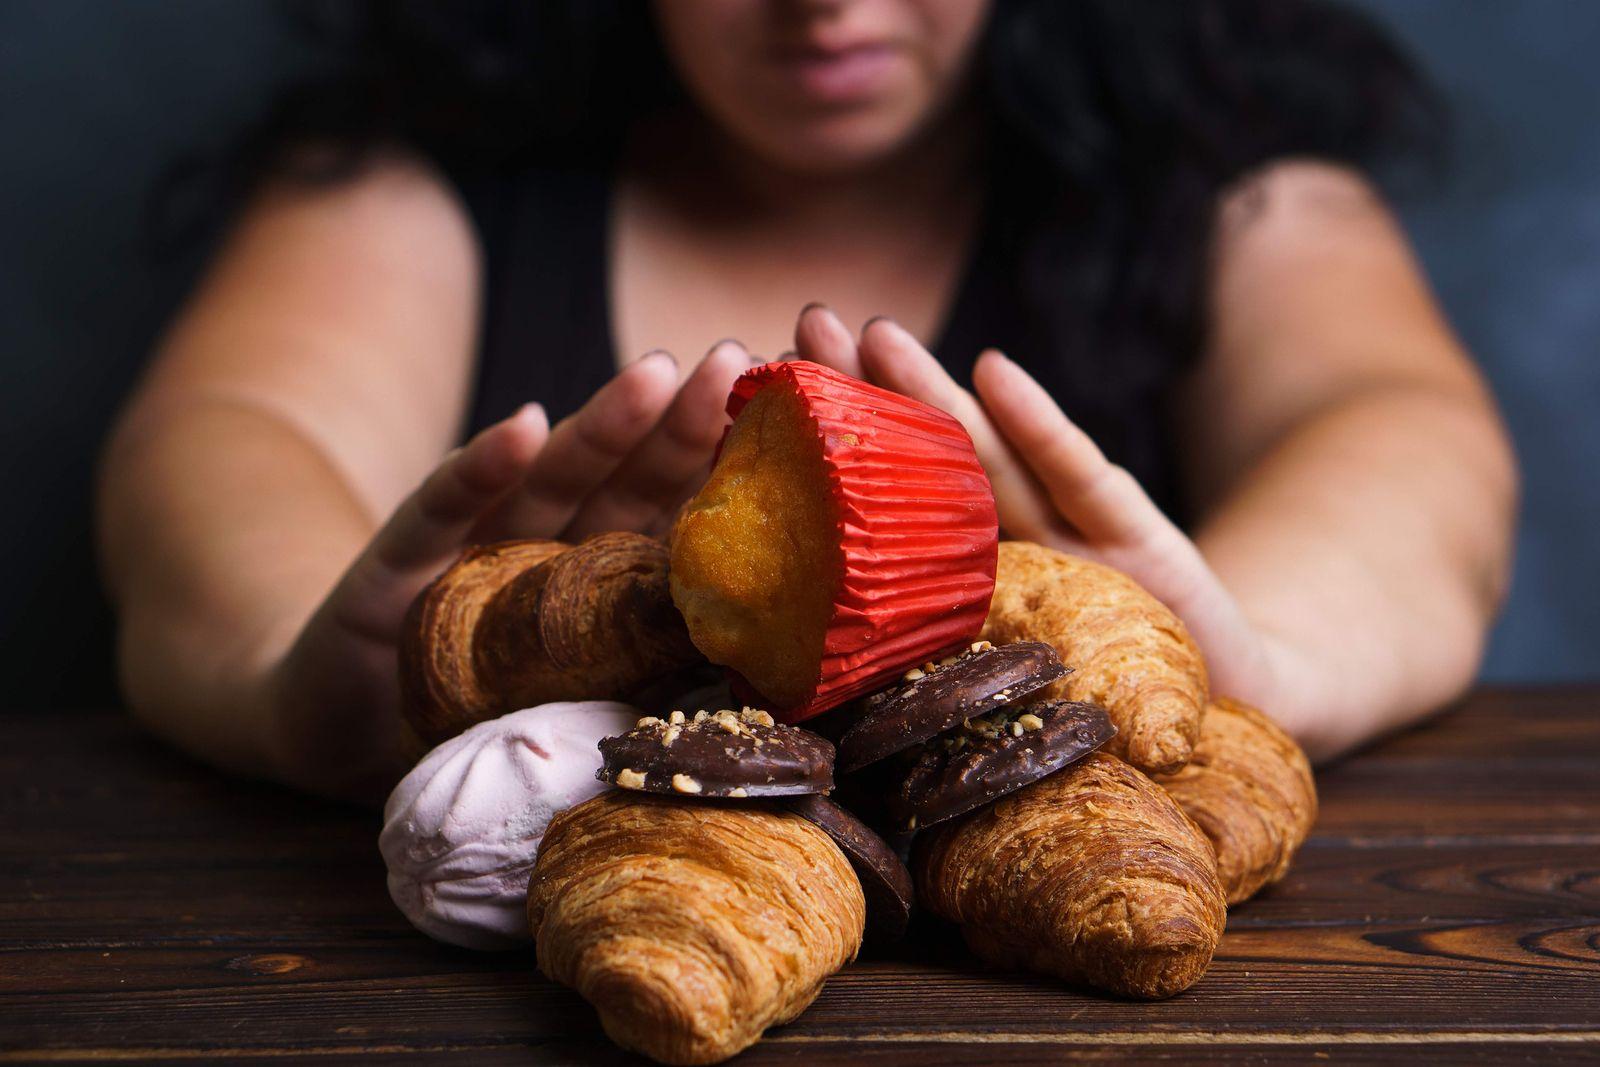 Εθισμός στη ζάχαρη: Το γλυκό δηλητήριο που δίνει γεύση στις μέρες μας